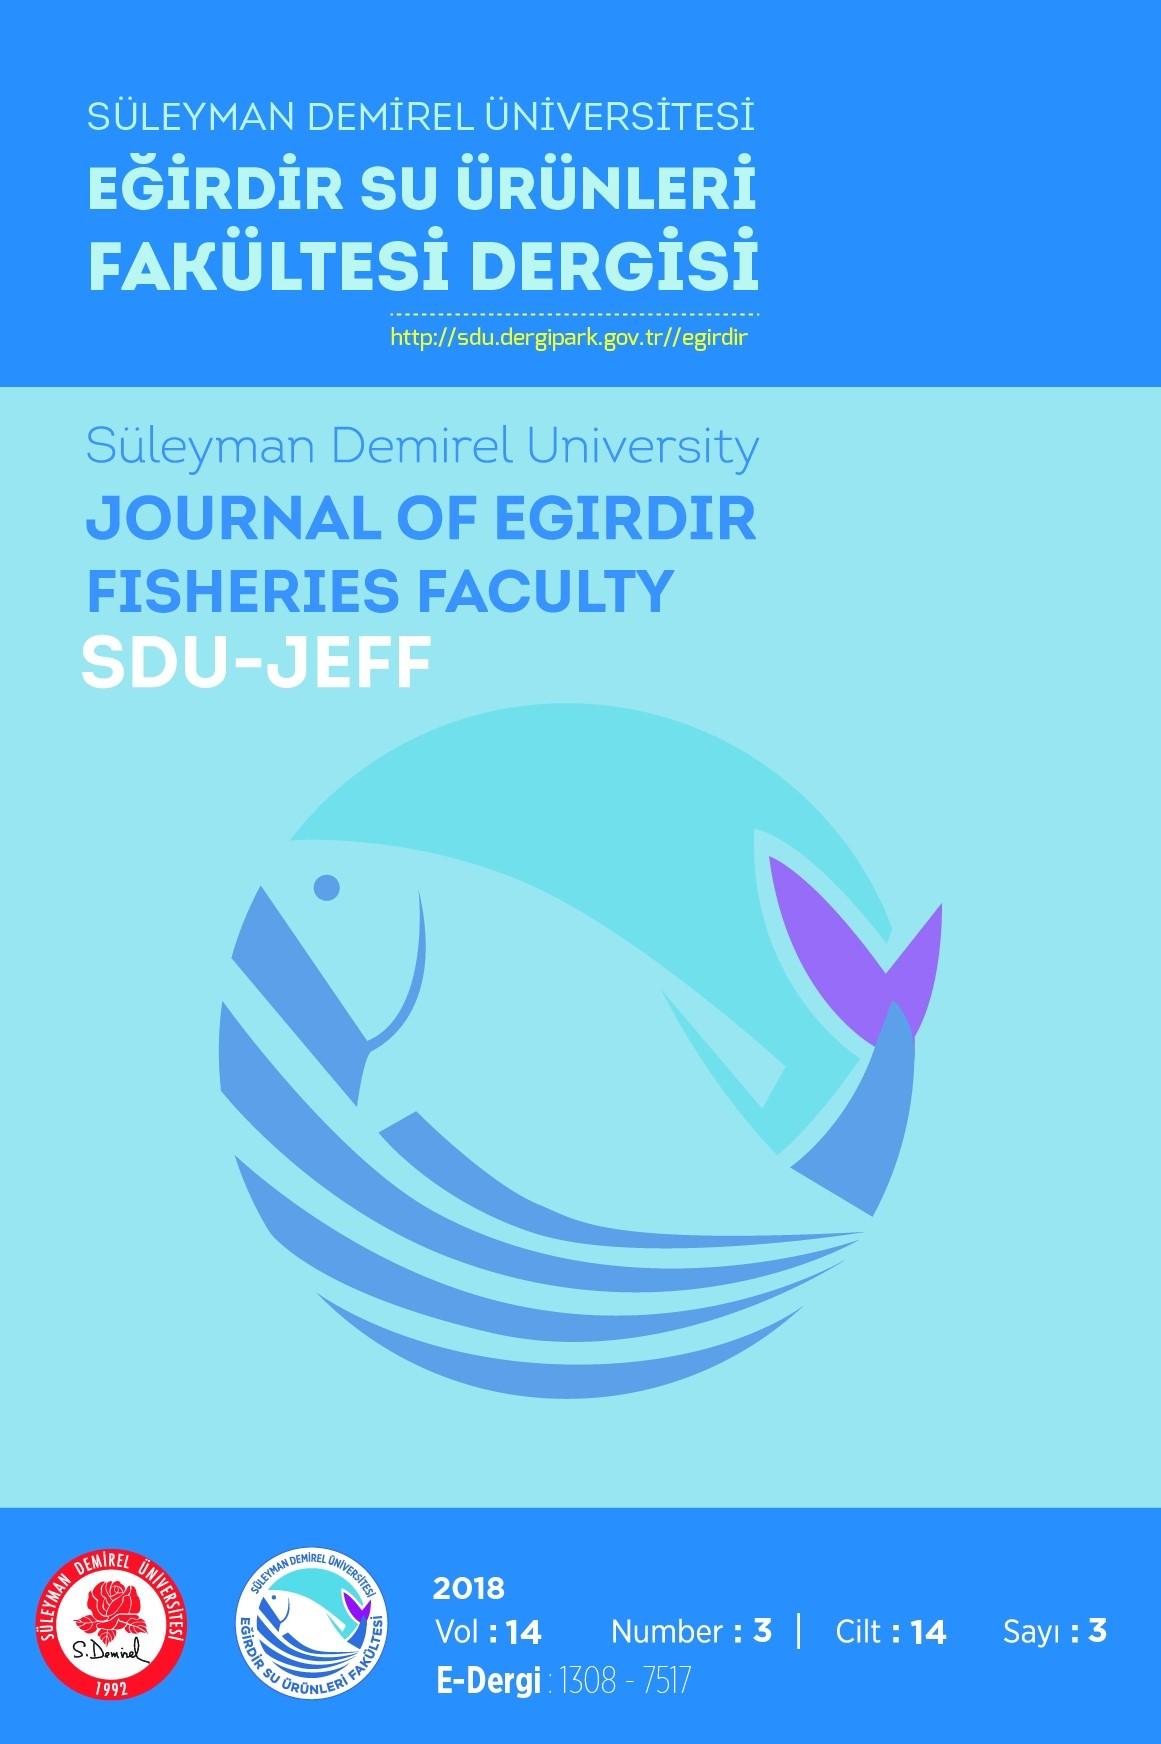 Süleyman Demirel University Journal of Eğirdir Fisheries Faculty (SDU-JEFF)